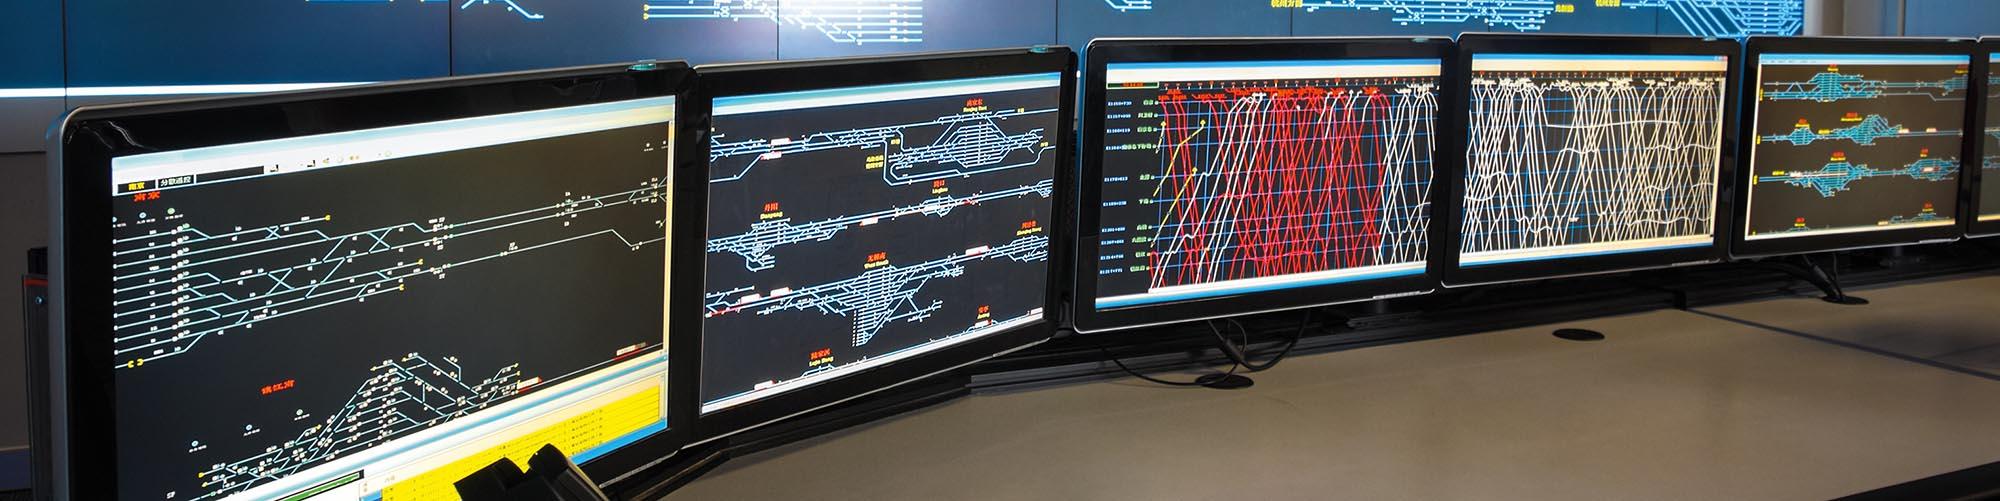 Salles de contrôle dans les centres de calcul